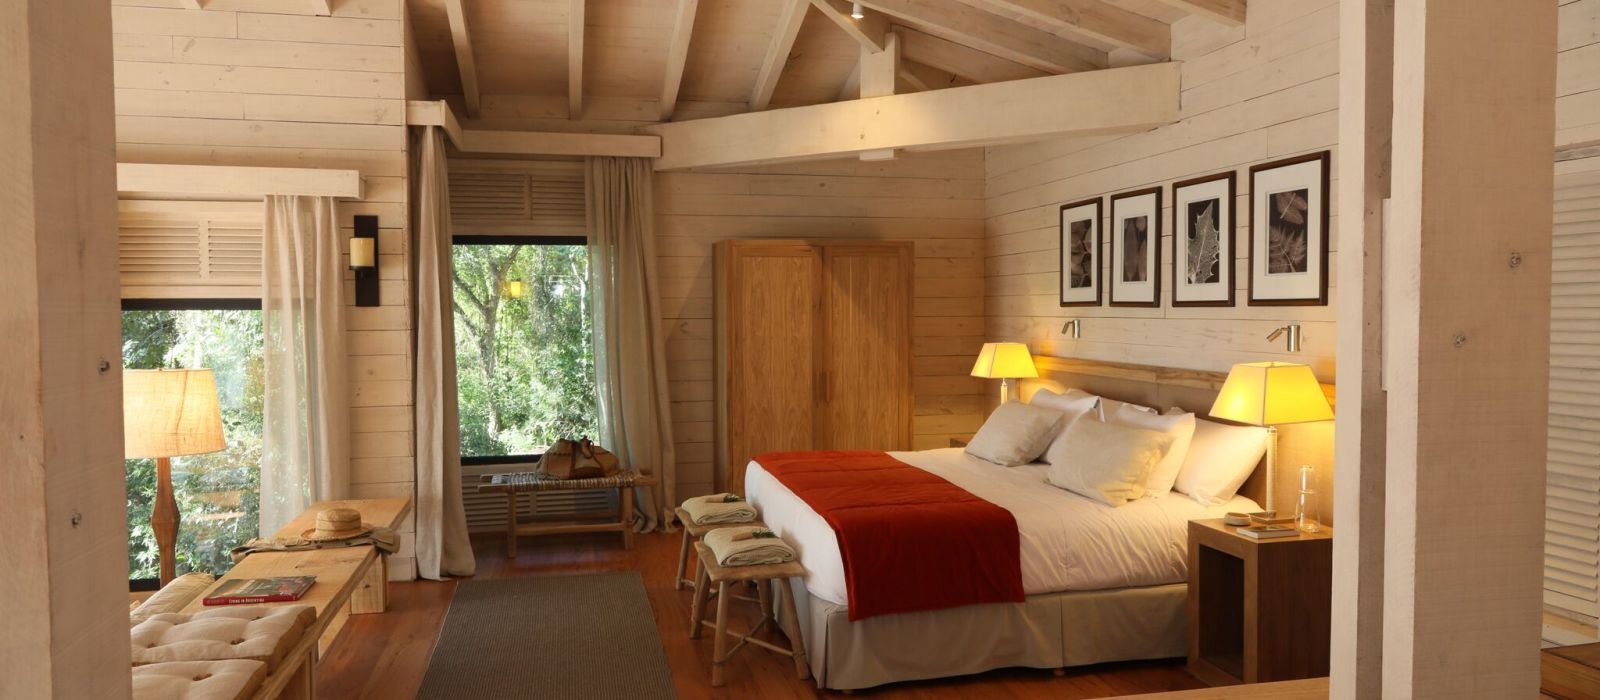 Hotel Awasi Iguazú Argentina